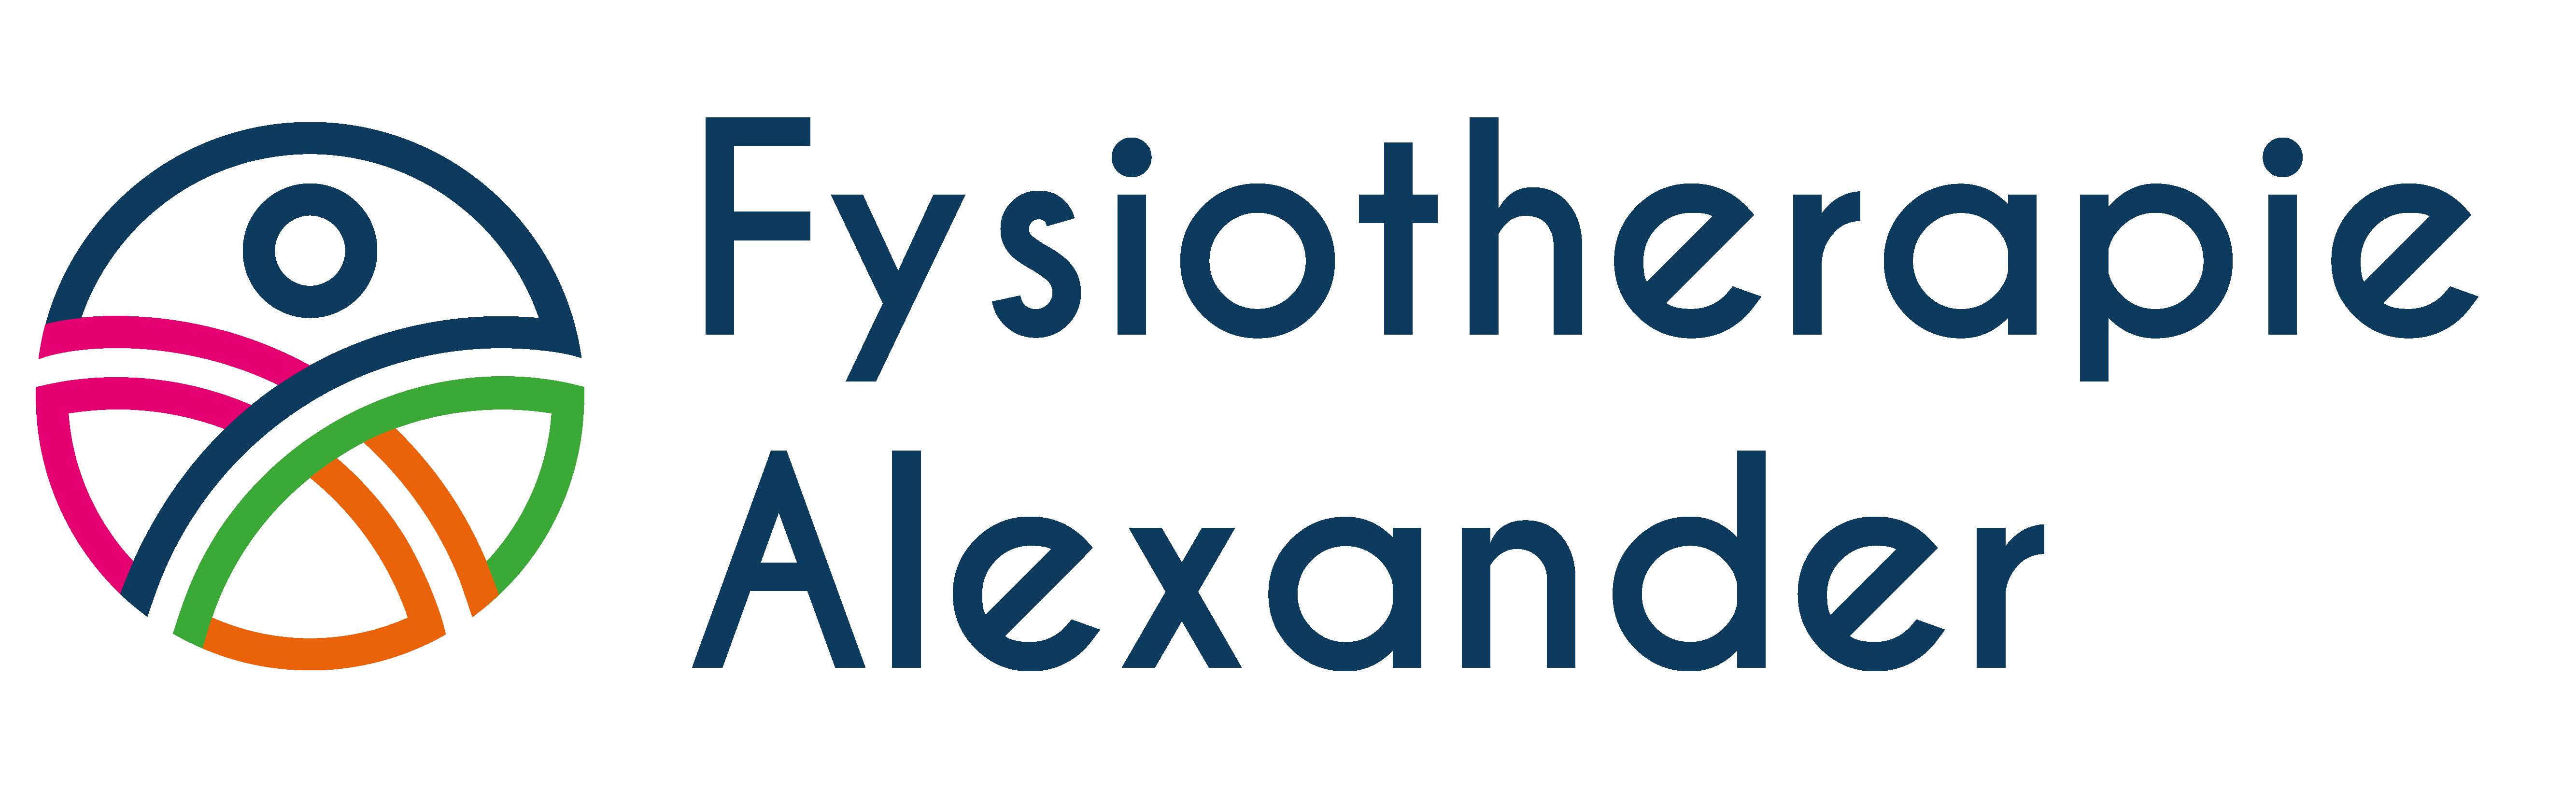 Fysiotherapie Alexander